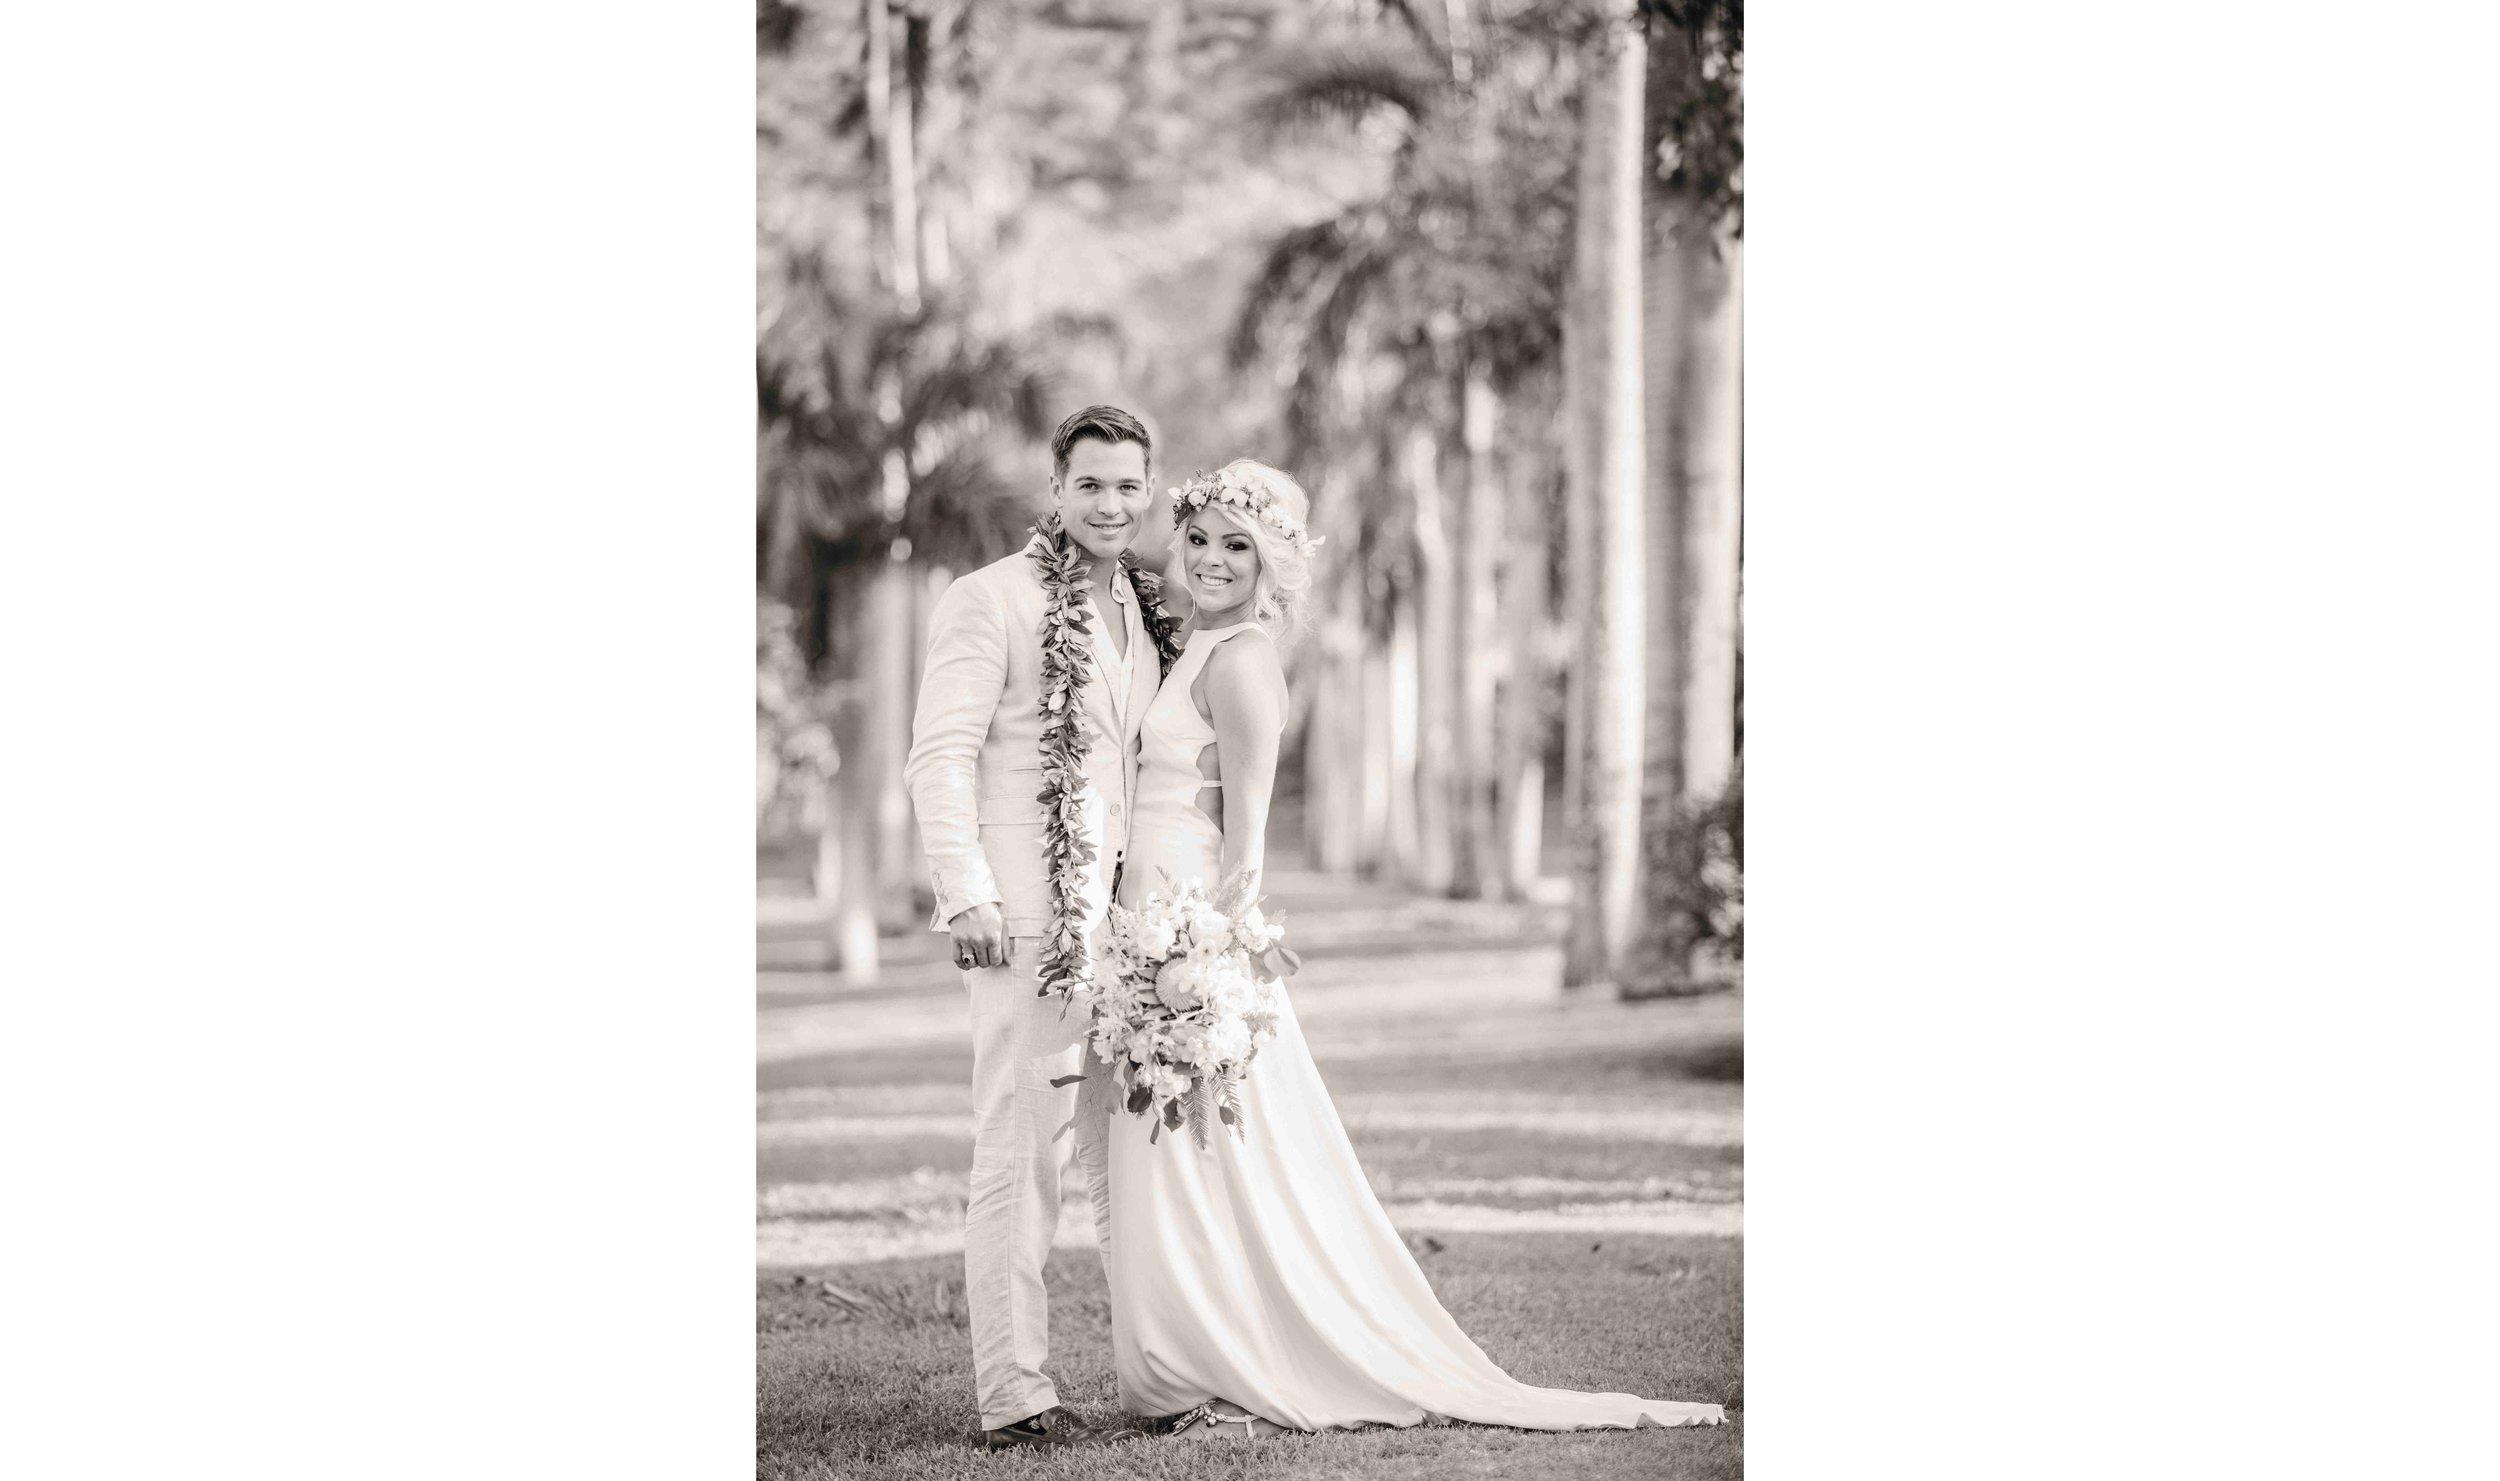 Black & White Newly Weds